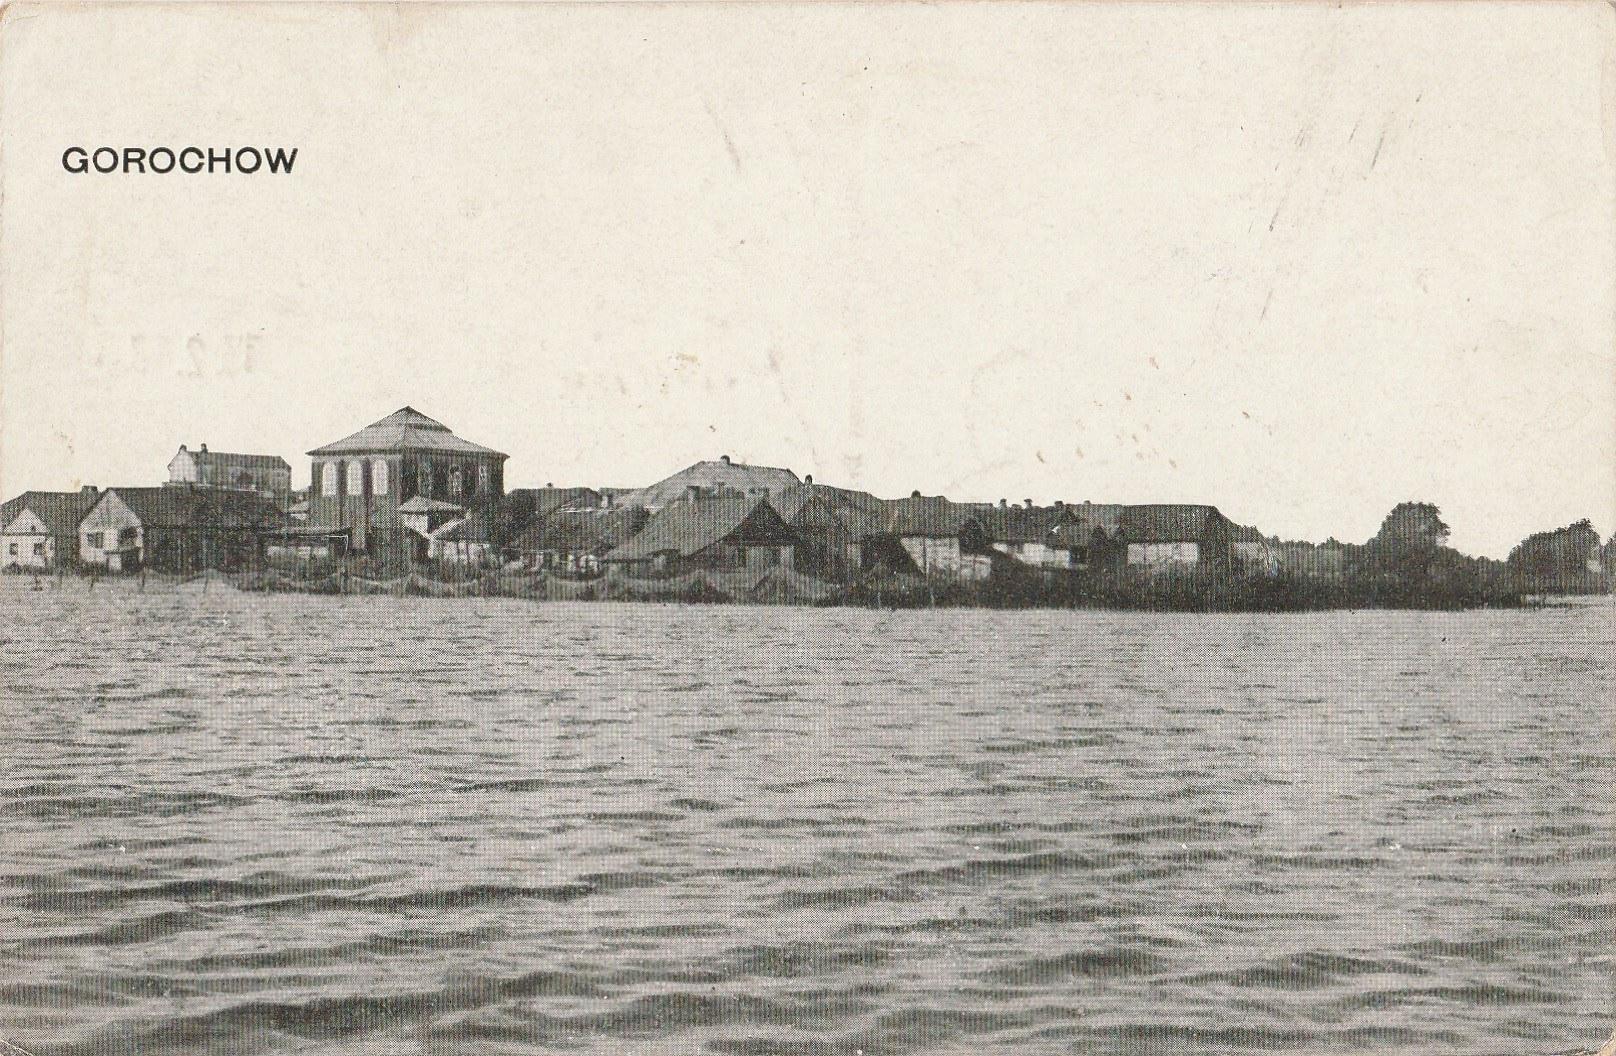 Gorochow